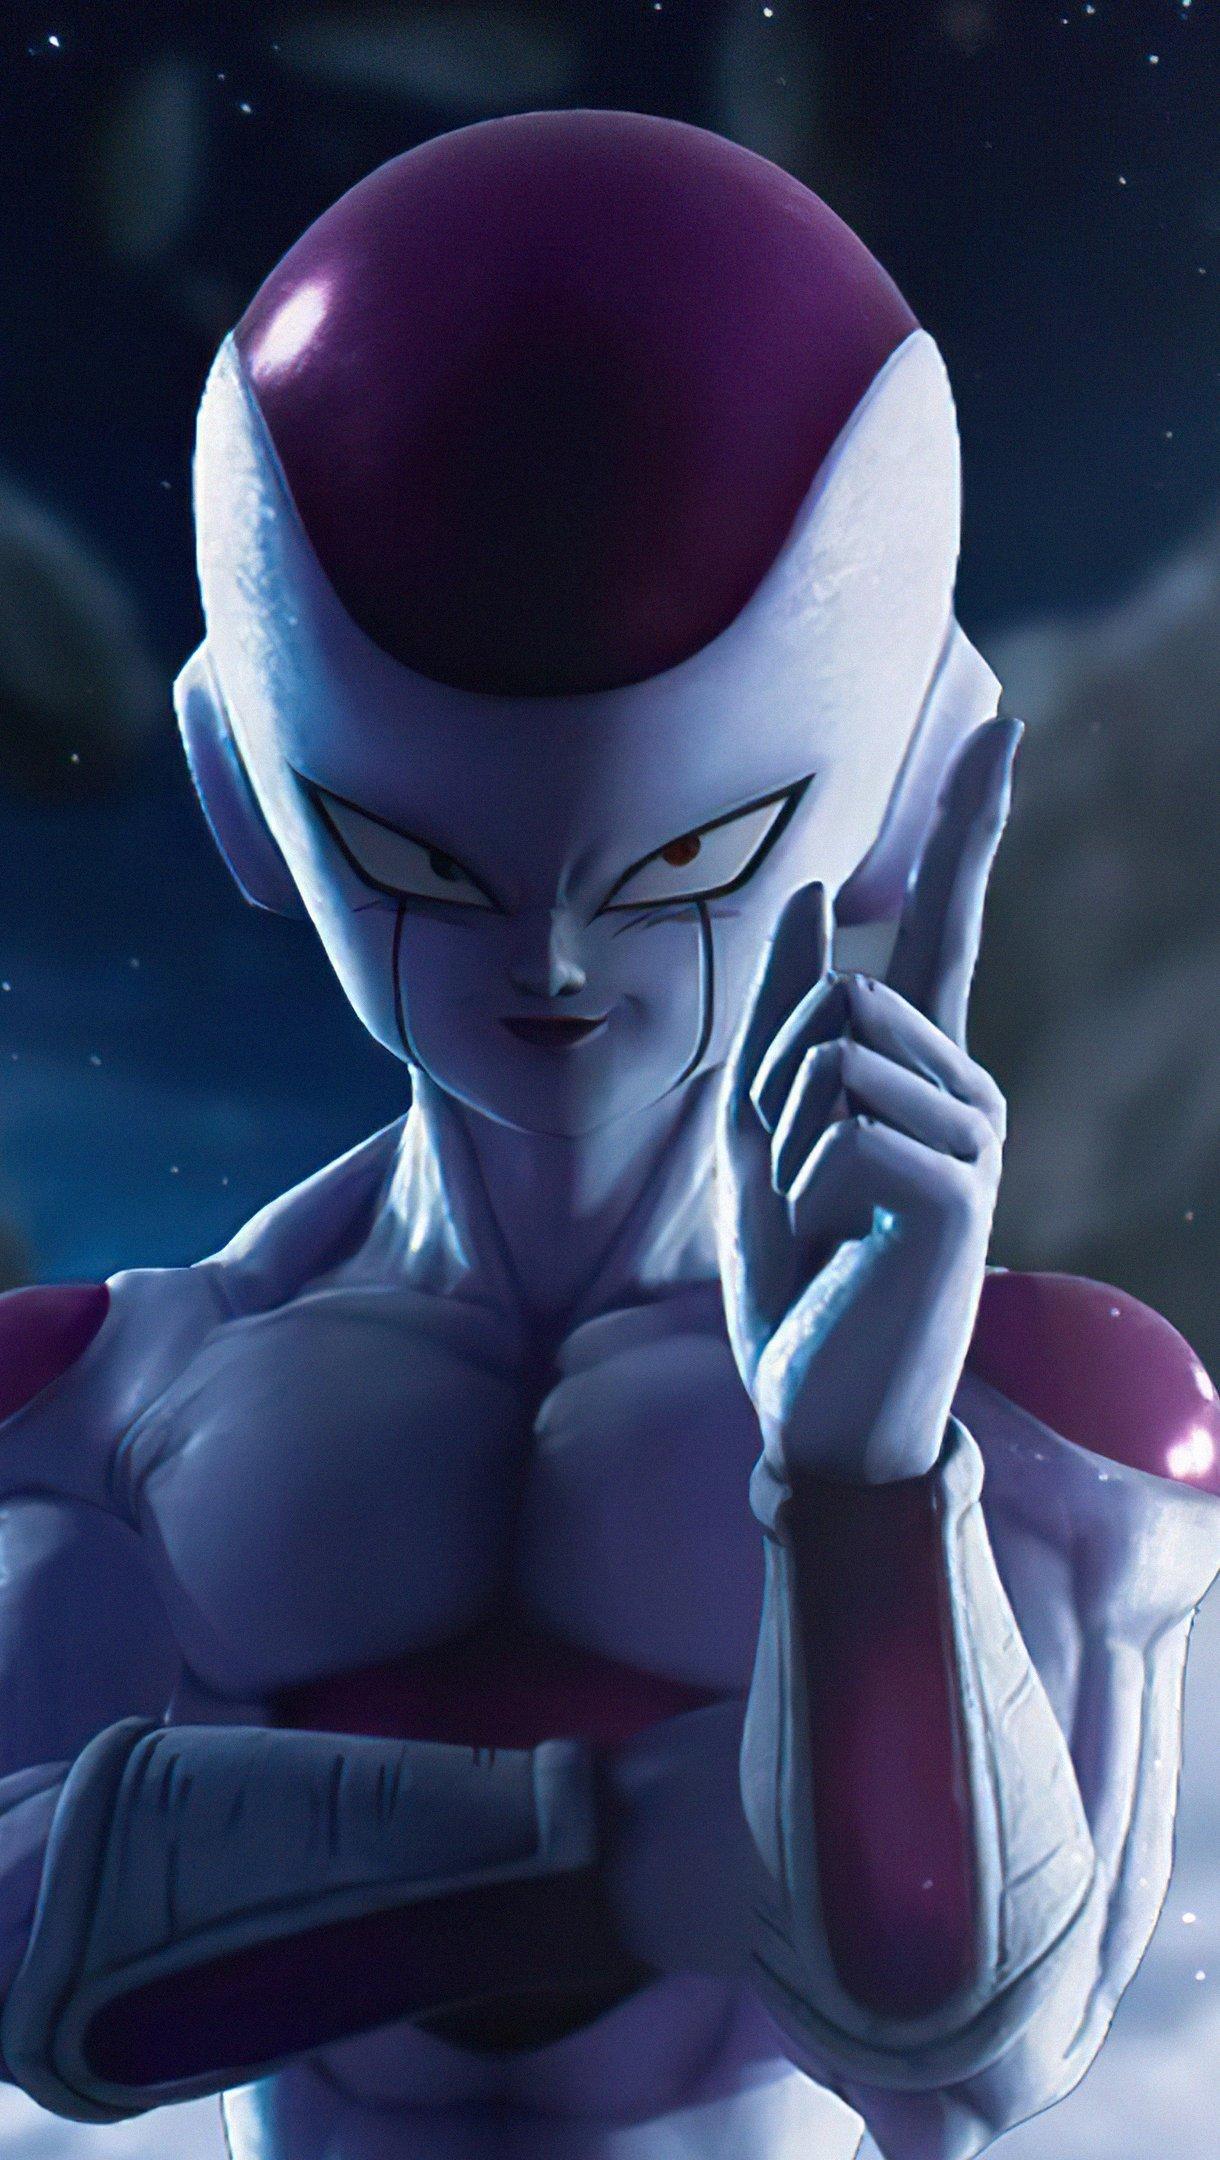 Fondos de pantalla Frieza Dragon Ball Vertical